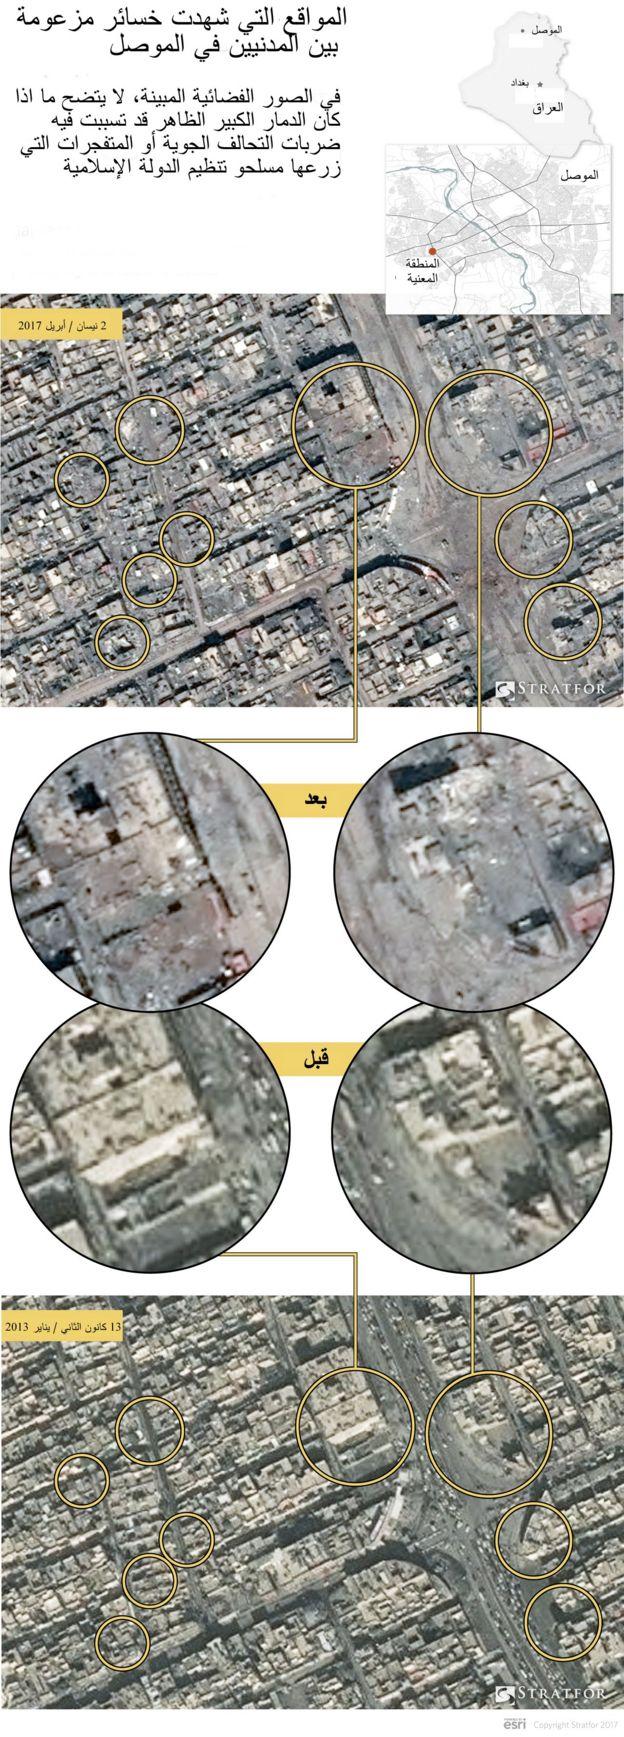 معركة الموصل - صفحة 6 _95621043_ae72f2ee-8ff6-4a60-b902-1fcb13d77f3f